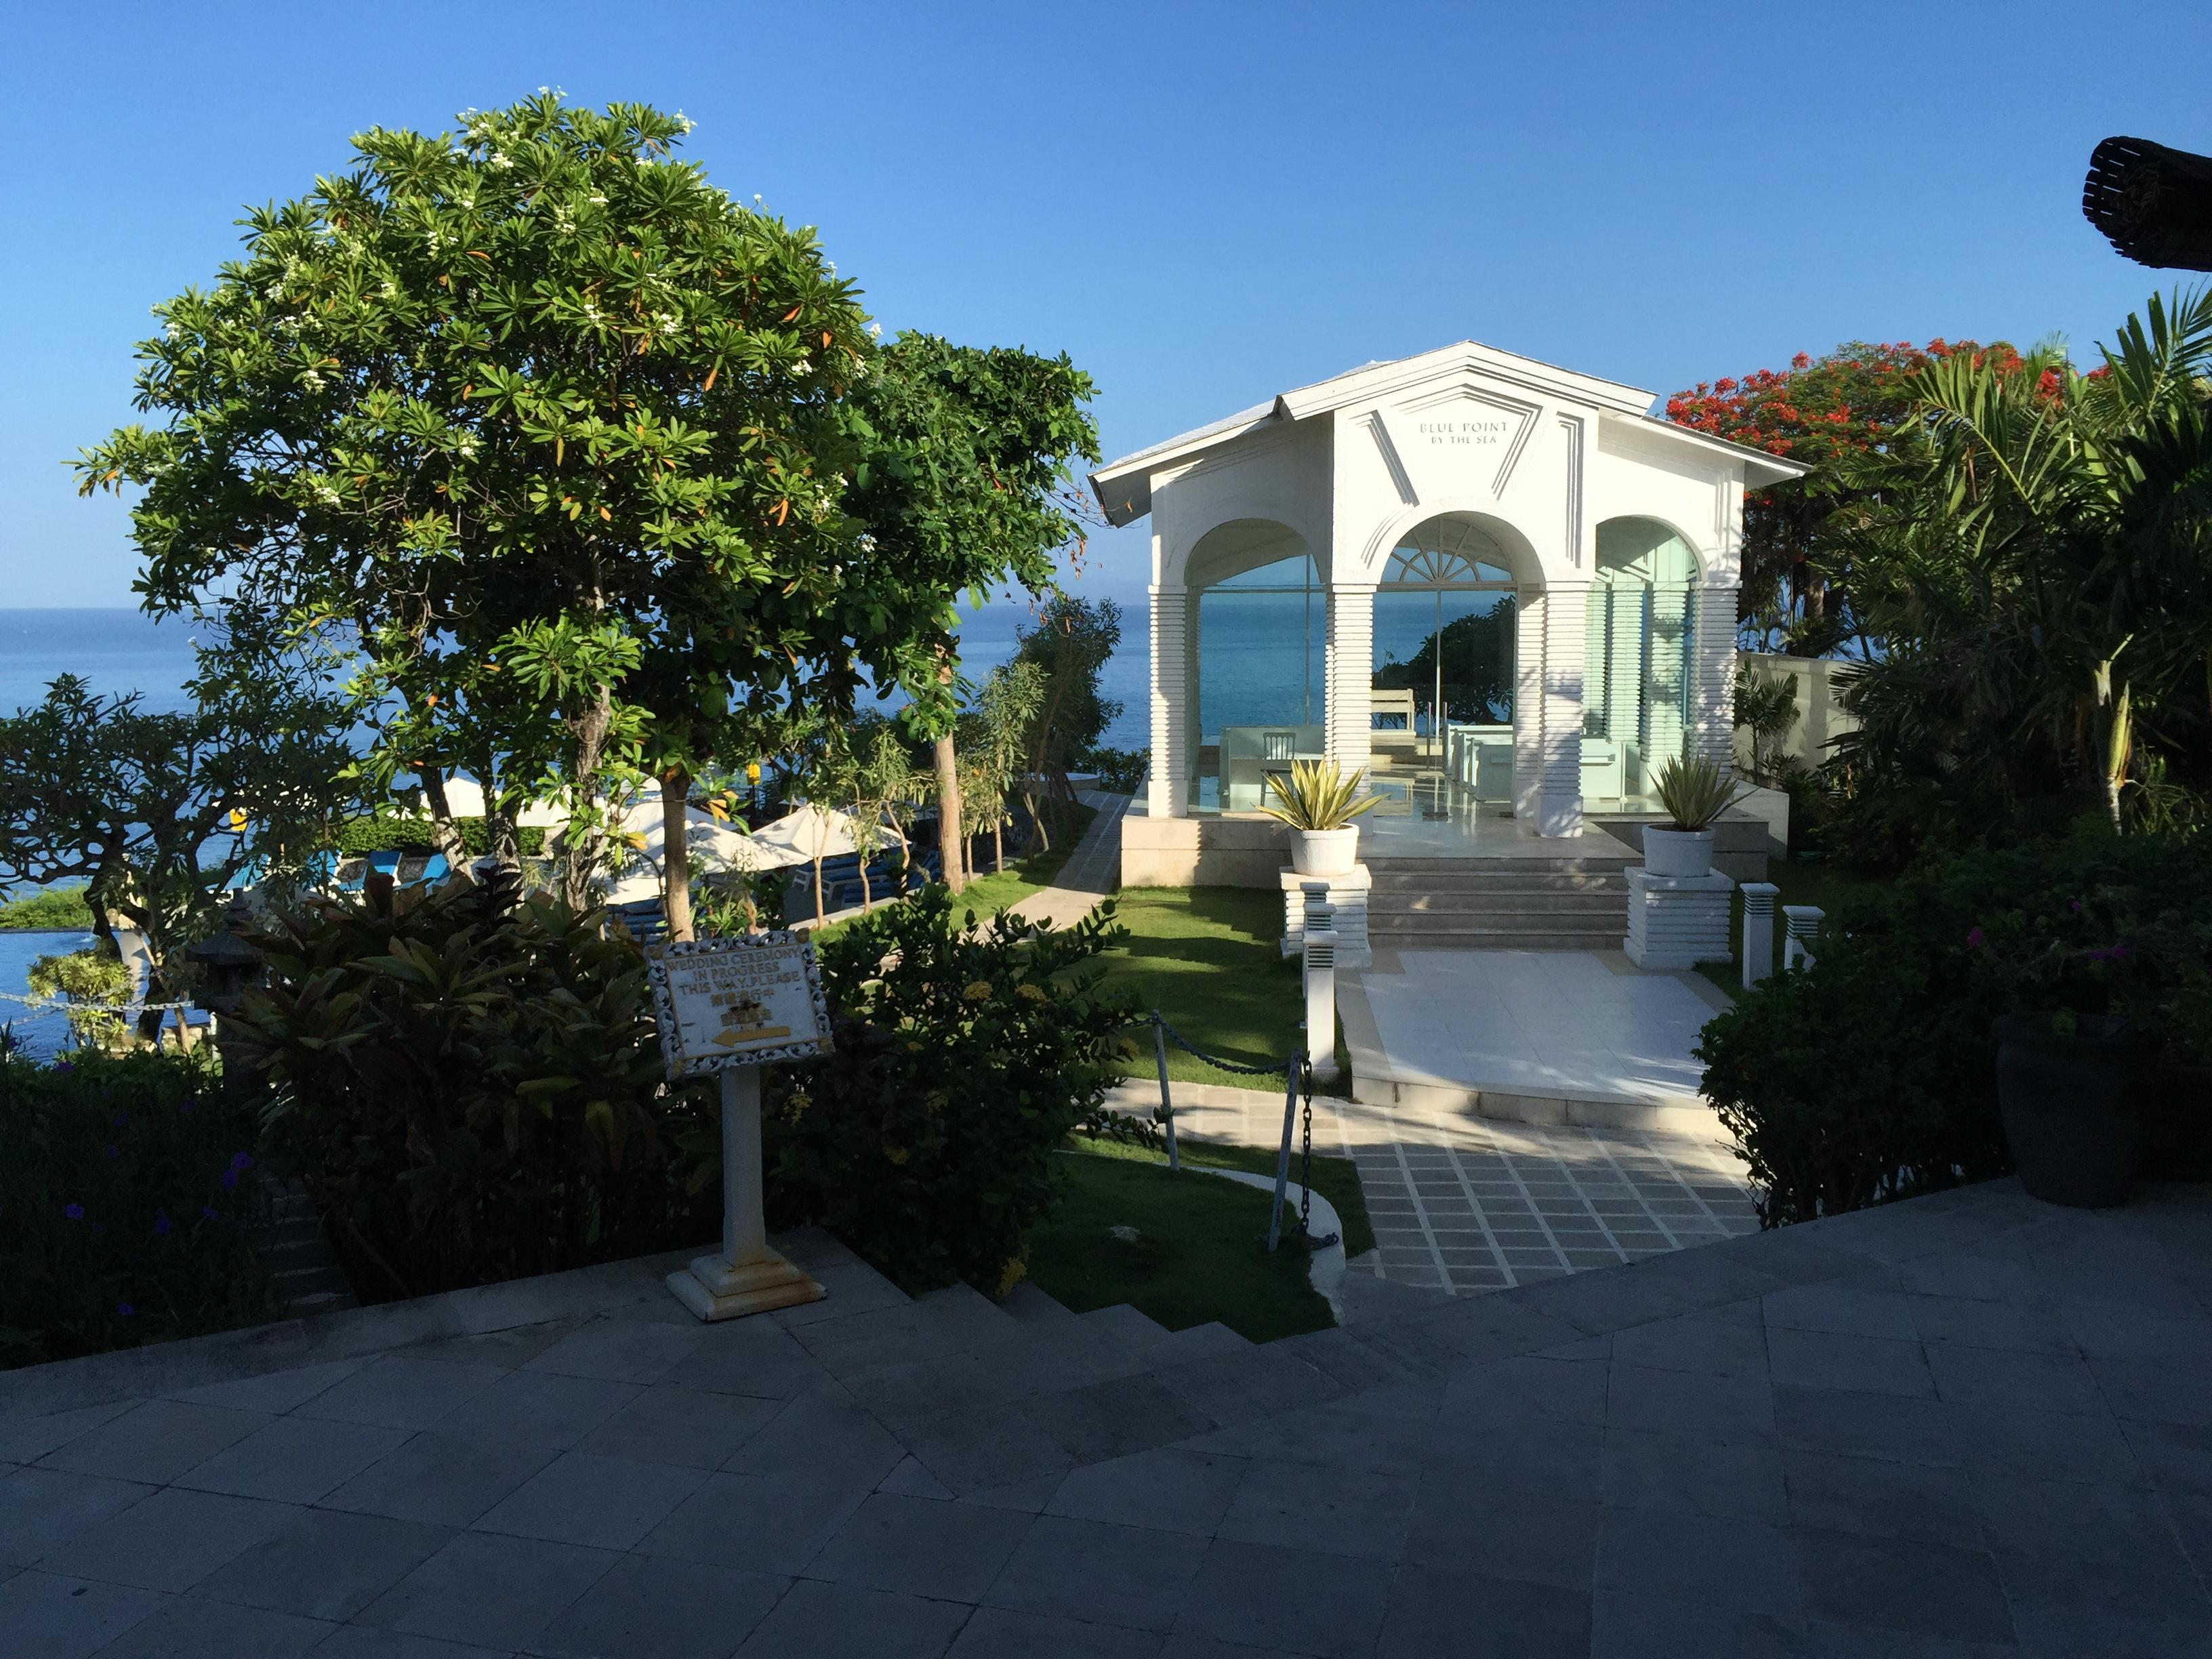 巴厘岛4晚5日游>蓝点酒店 国四花园泳池酒店 珊瑚海岸俱乐部(当地游)